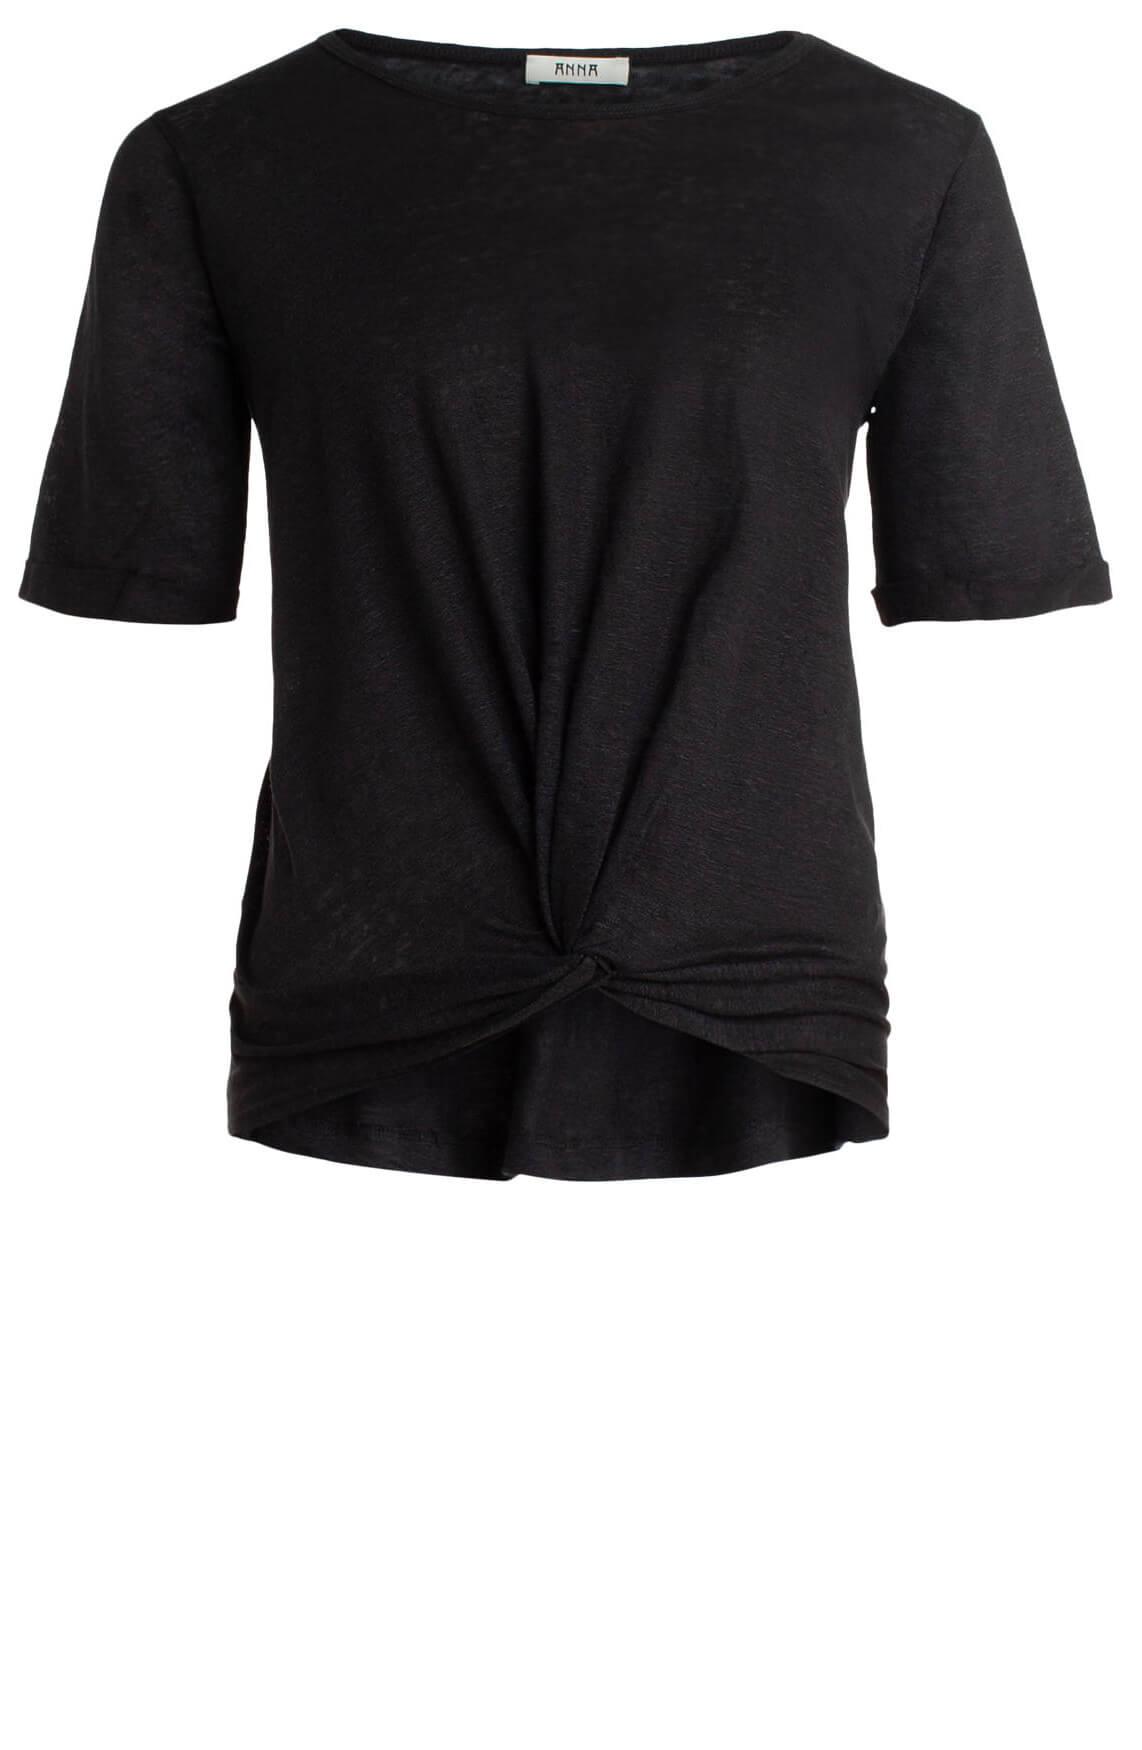 Anna Dames Shirt met knoopdetail zwart